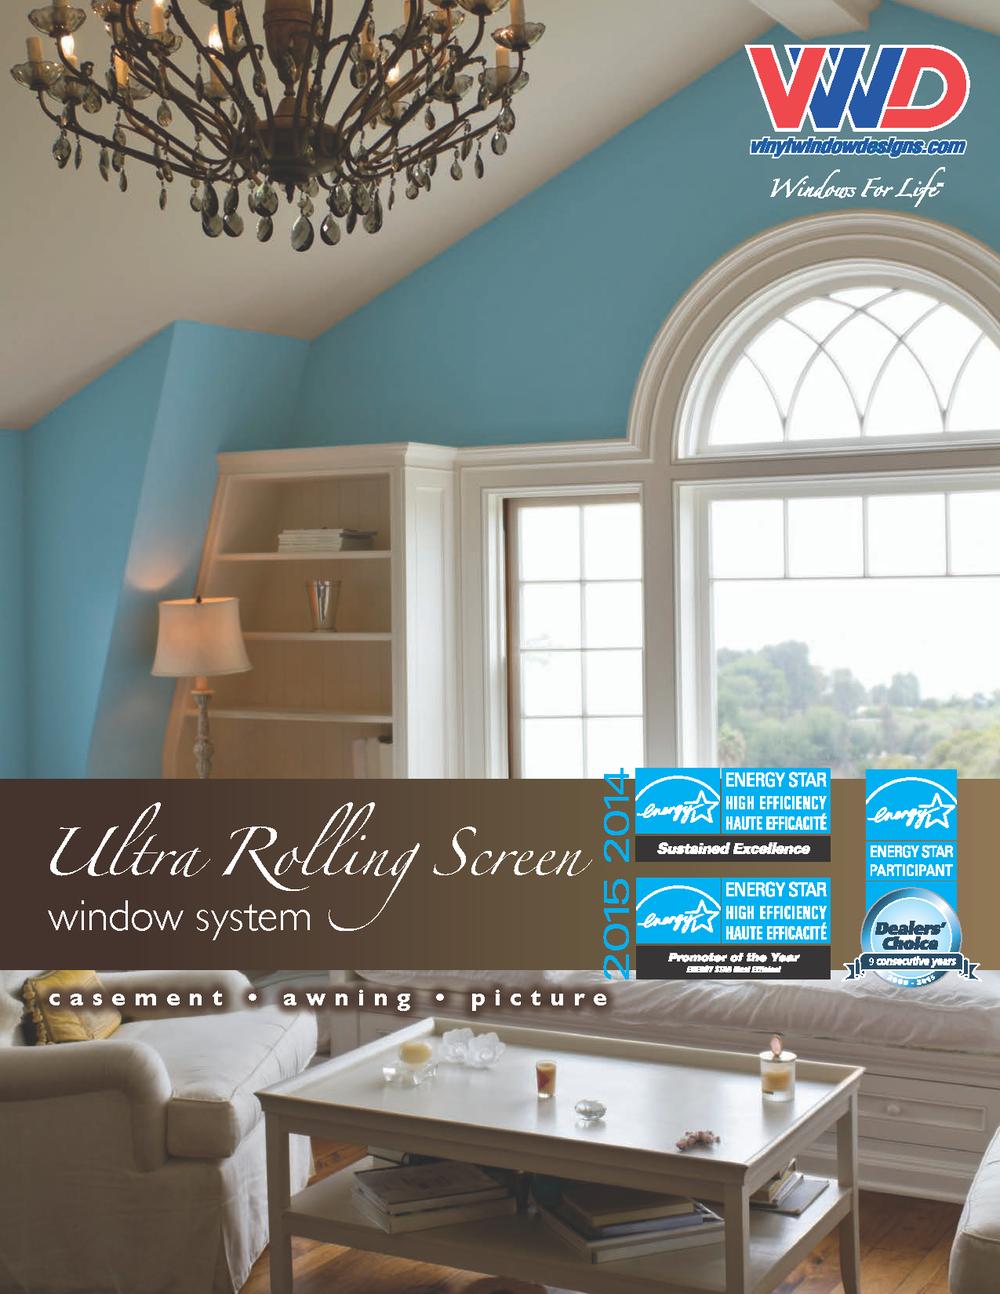 UltraRollScreen20-April2016-LR-15APR16_Page_1.png